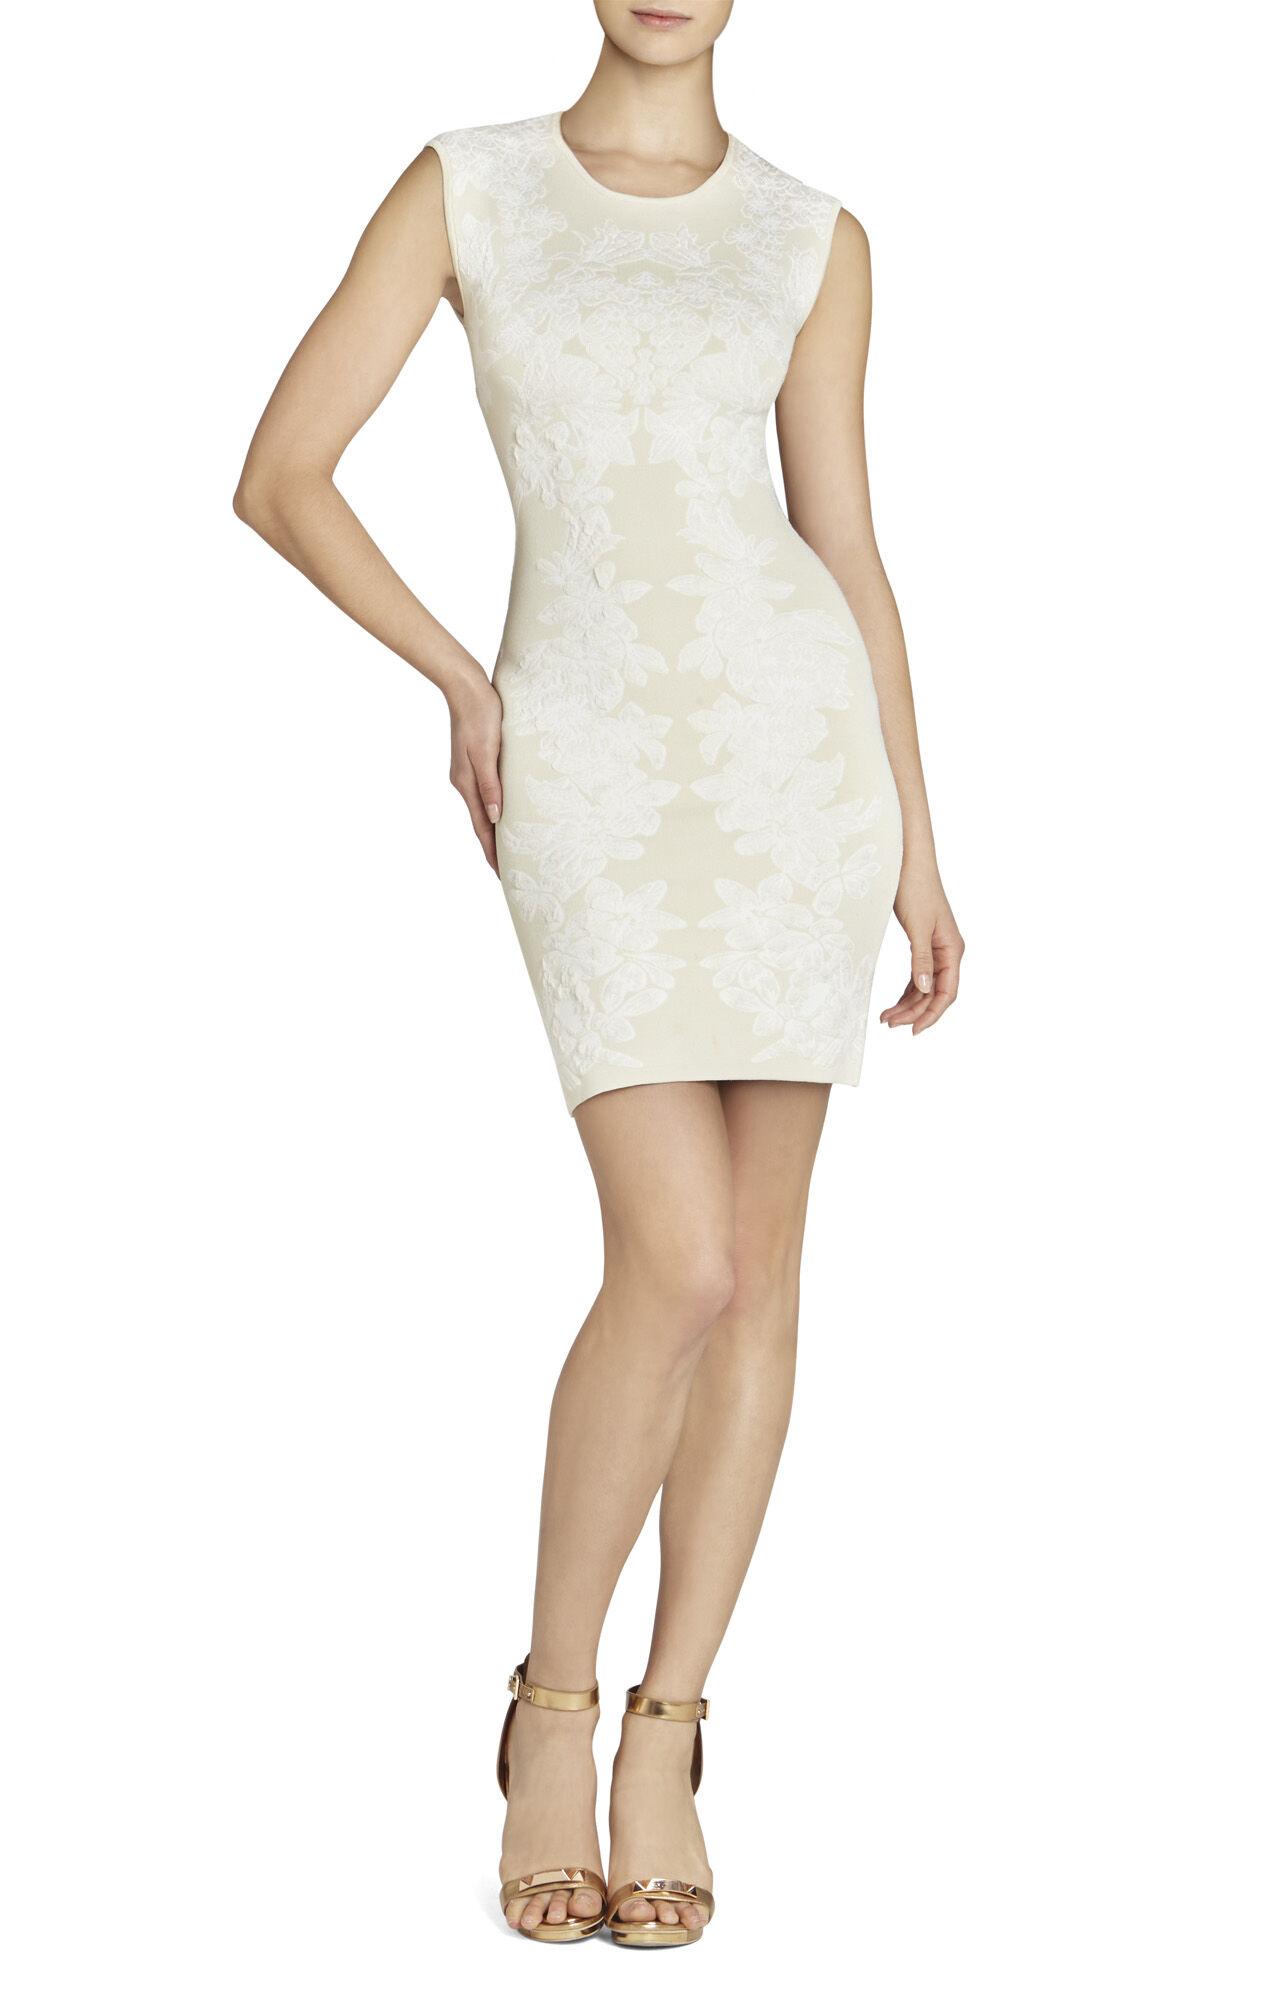 Ellena Floral Jacquard Dress